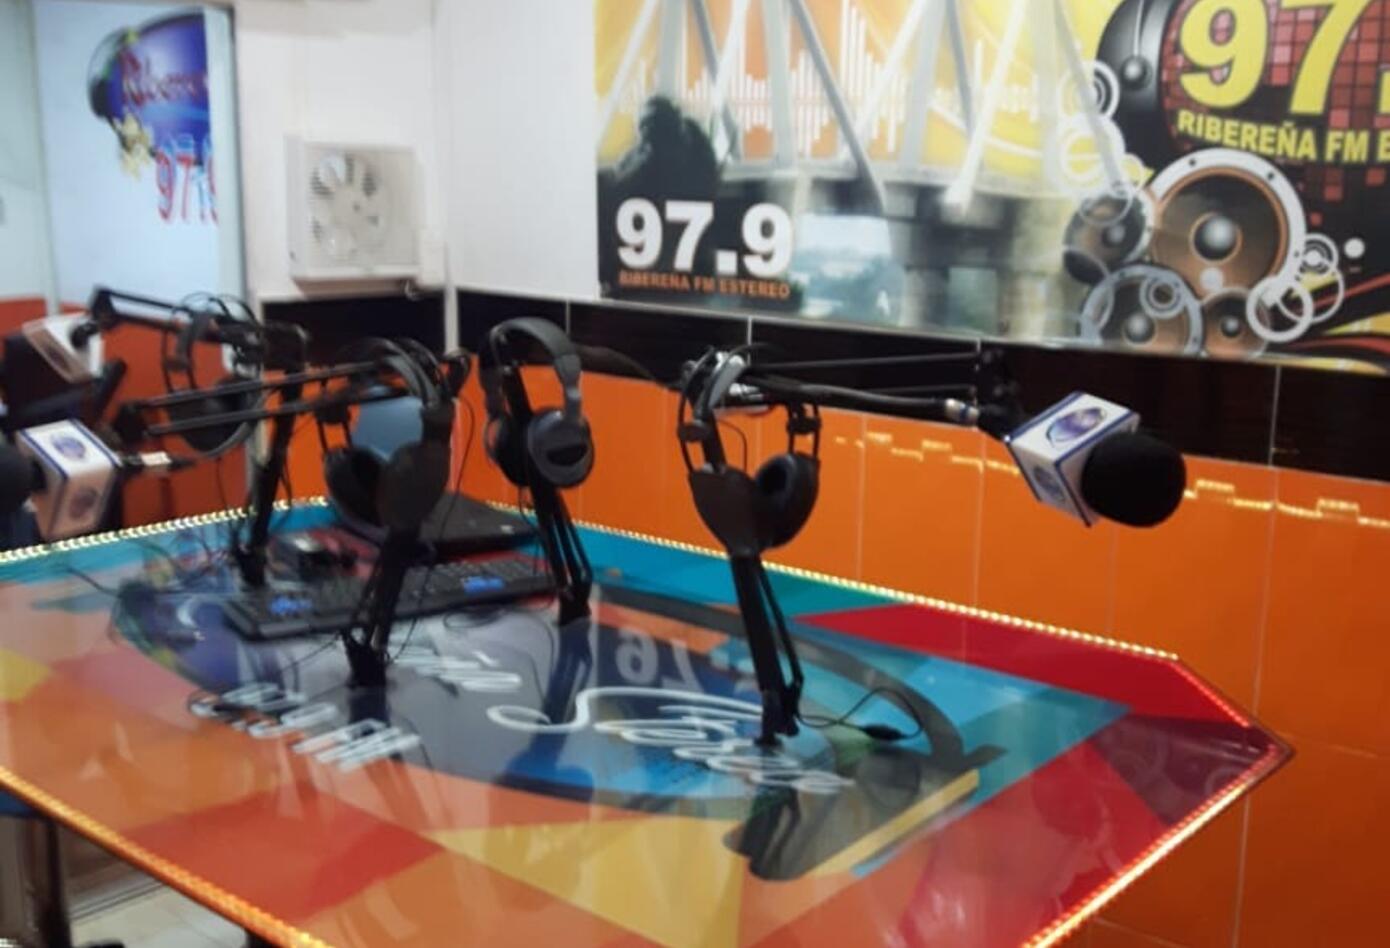 Cierre de emisoras por ilegalidad en Barranquilla